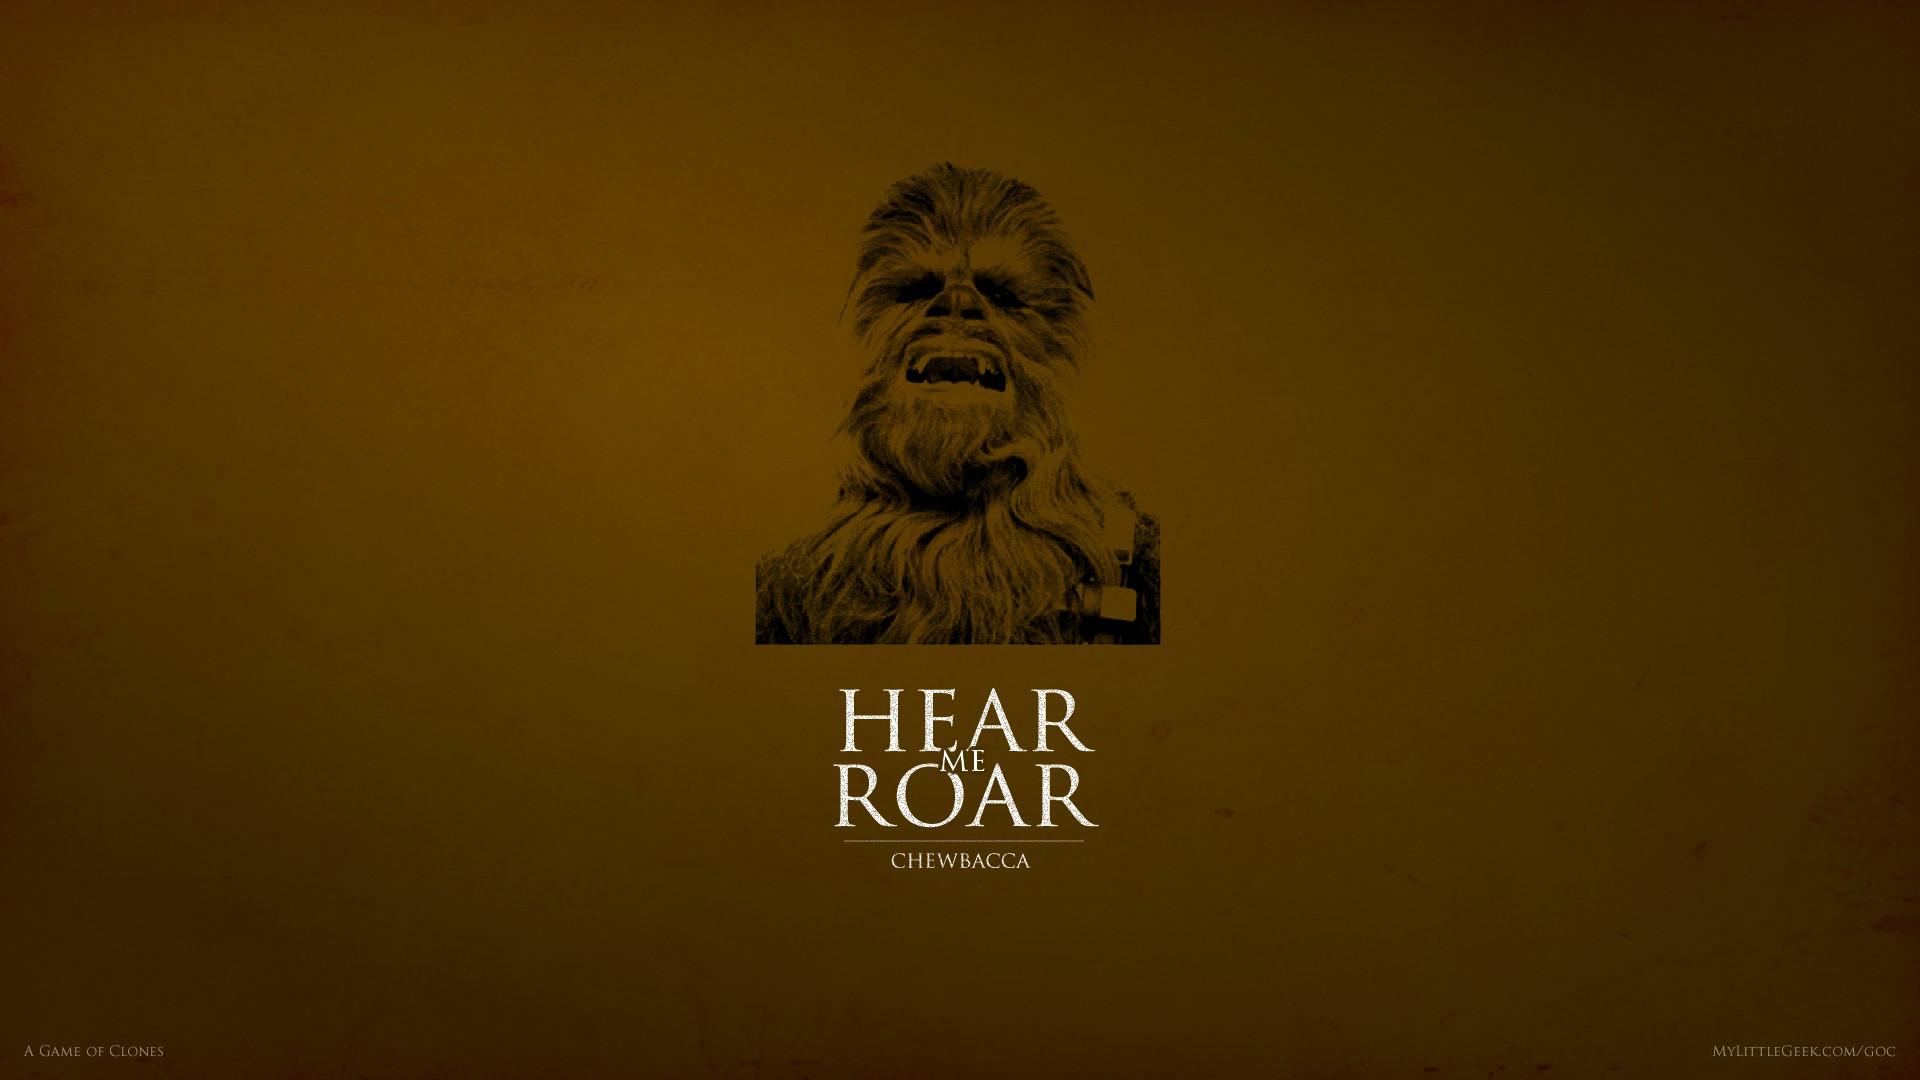 star wars chewbacca wallpaper - photo #5